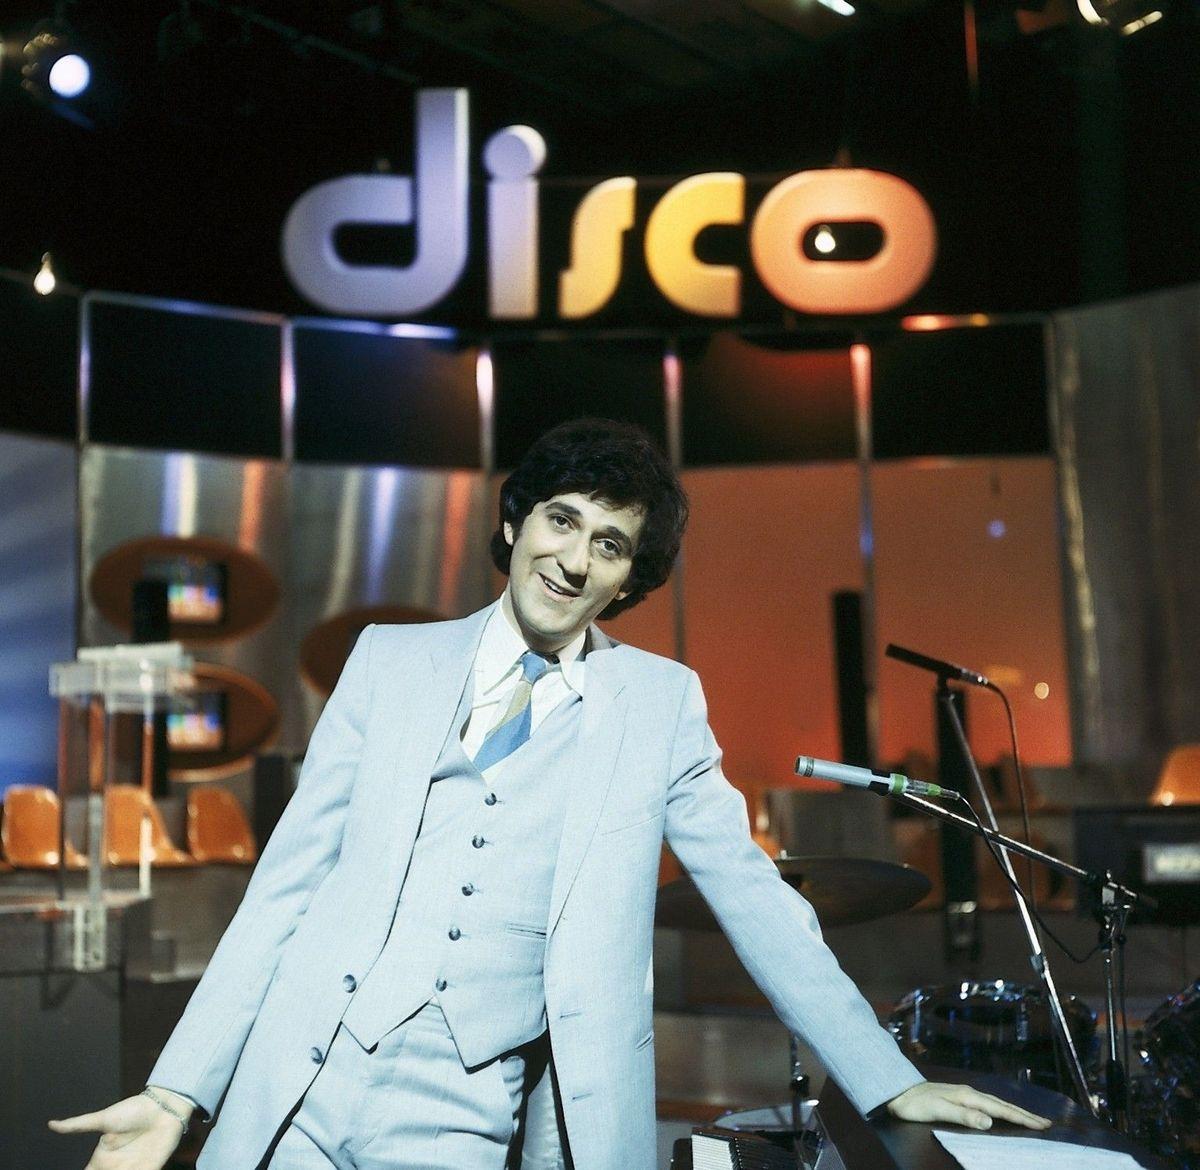 """""""Die 'disco'-Dekoration mit dieser Kanzel, an der Ilja immer stand, hätte ihren Reiz gehabt"""" - aber es wird keine Show mit einer nachgebauten Kulisse geben. Aber immerhin wird wieder eine (zweigeteilte und neu in HD-Sendequalität überarbeitete) lange """"Kultnacht"""" zum Jubiläum der Show mit Ilja Richter ausgestrahlt."""